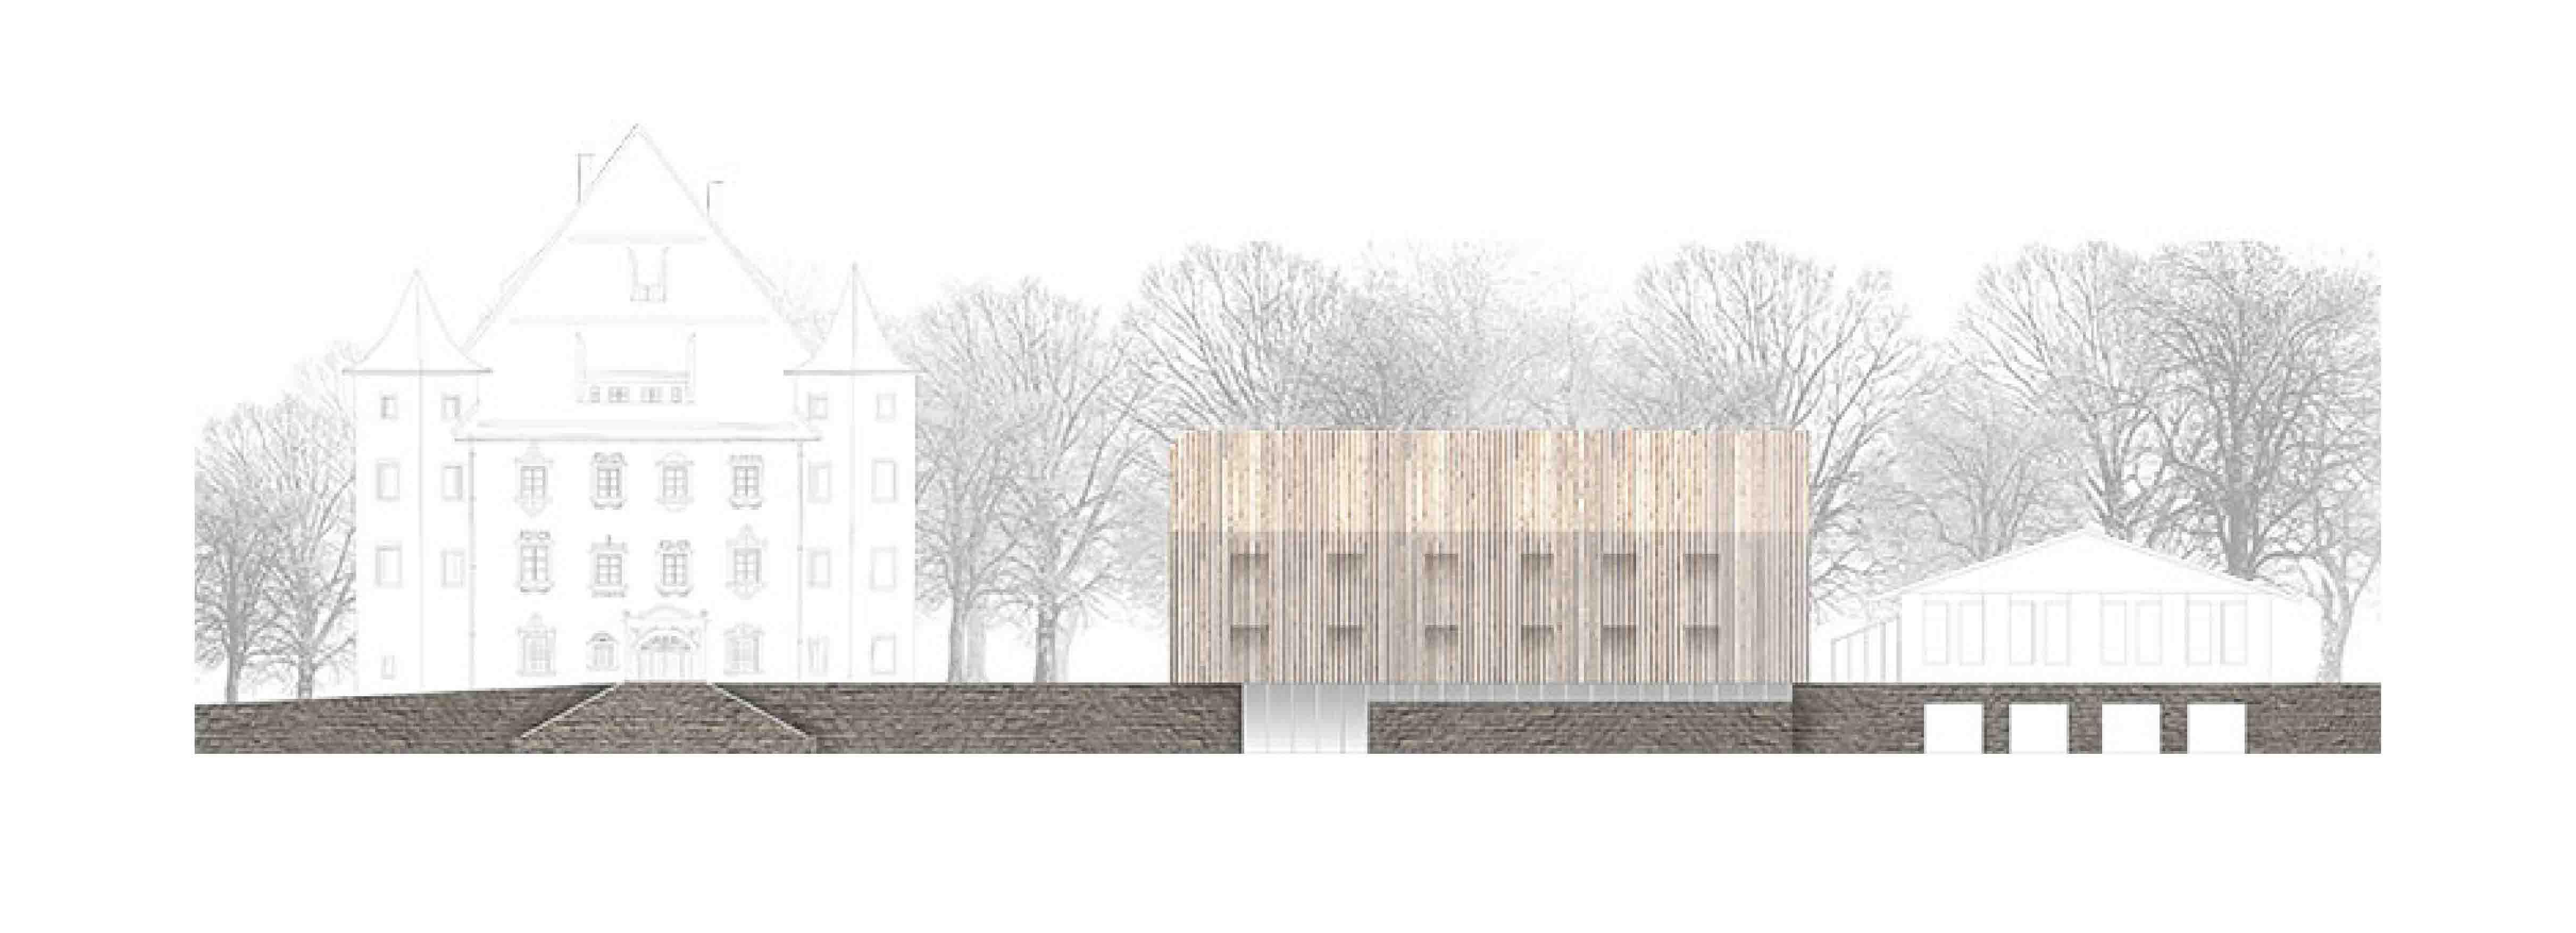 Ansicht Architektur kubik architektur architecture berlin sst ansicht nord studio kubik